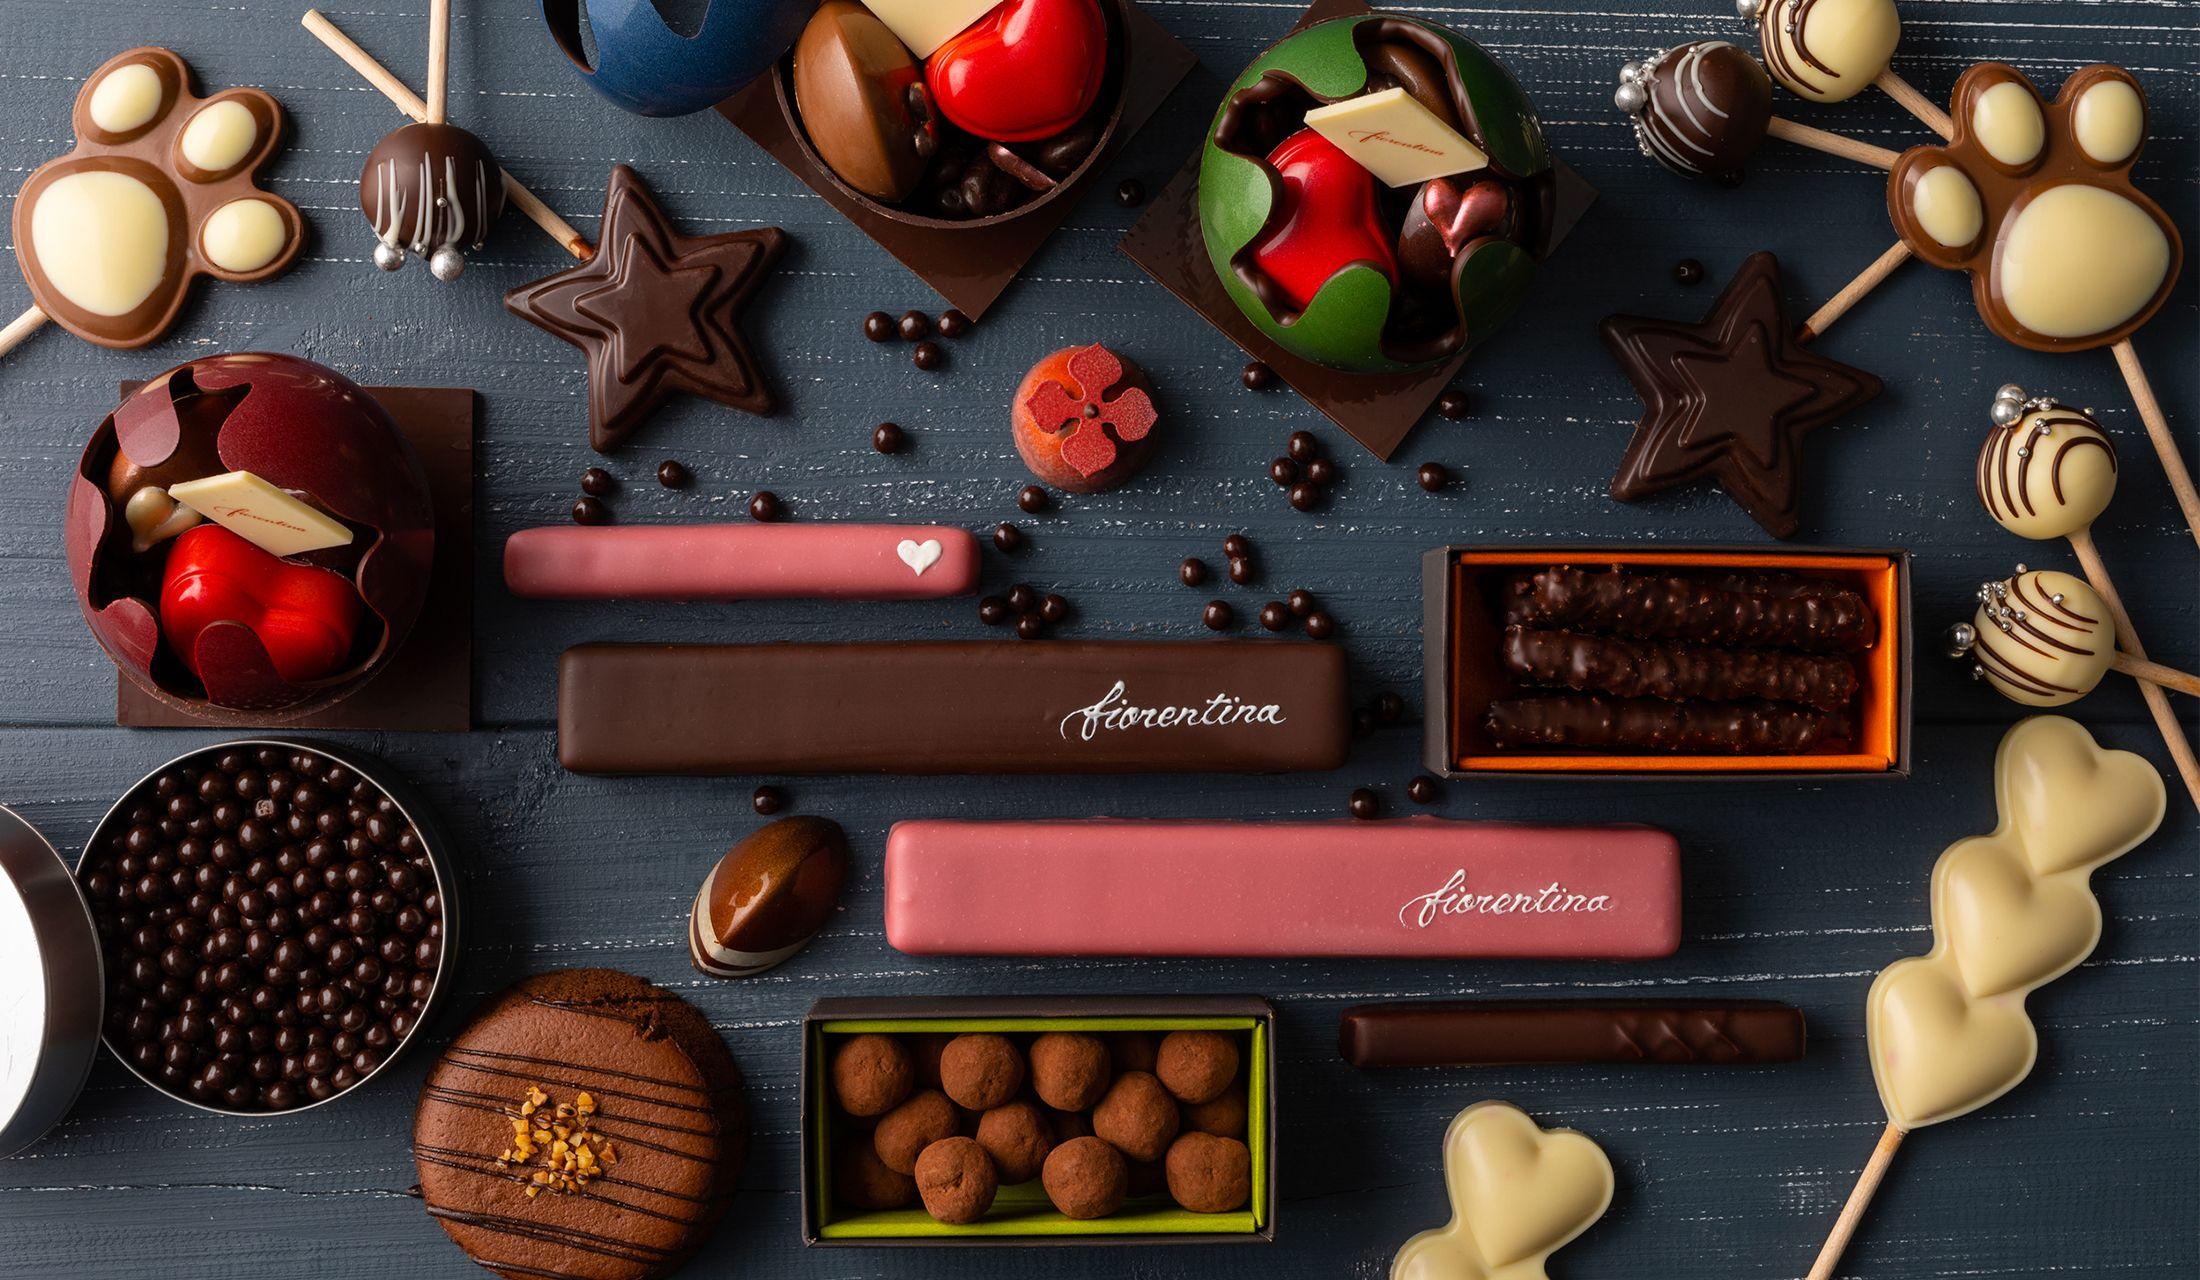 グランド ハイアット 東京の2019バレンタインチョコレート